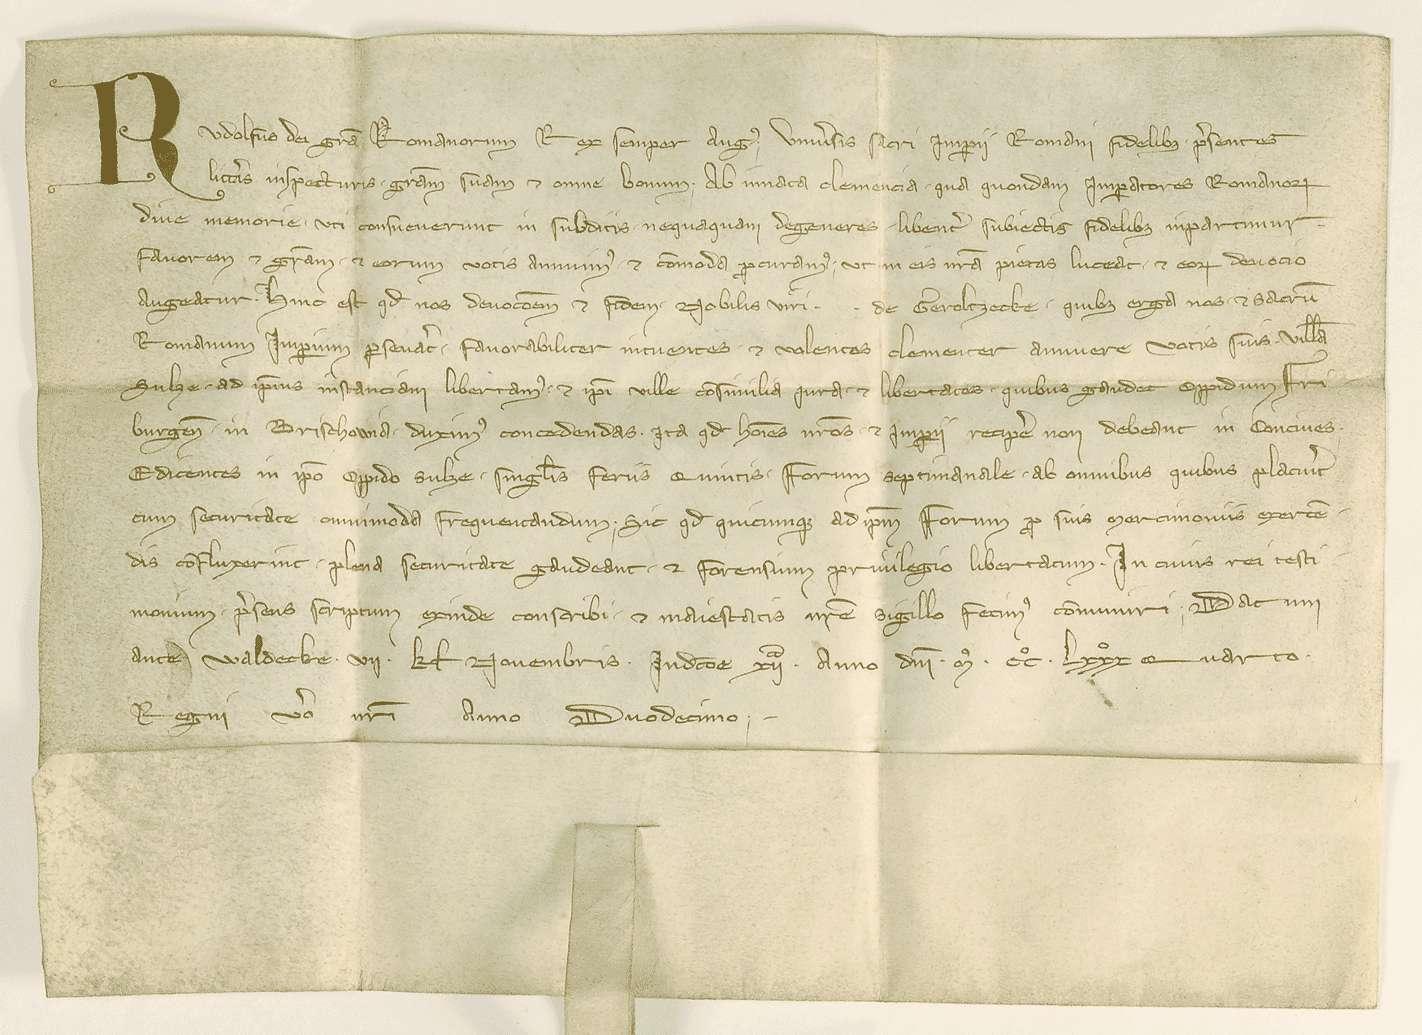 König Rudolf erhebt Sulz zur Stadt und verleiht ihm die Freiheiten von Freiburg und das Recht eines Wochenmarktes., Bild 1